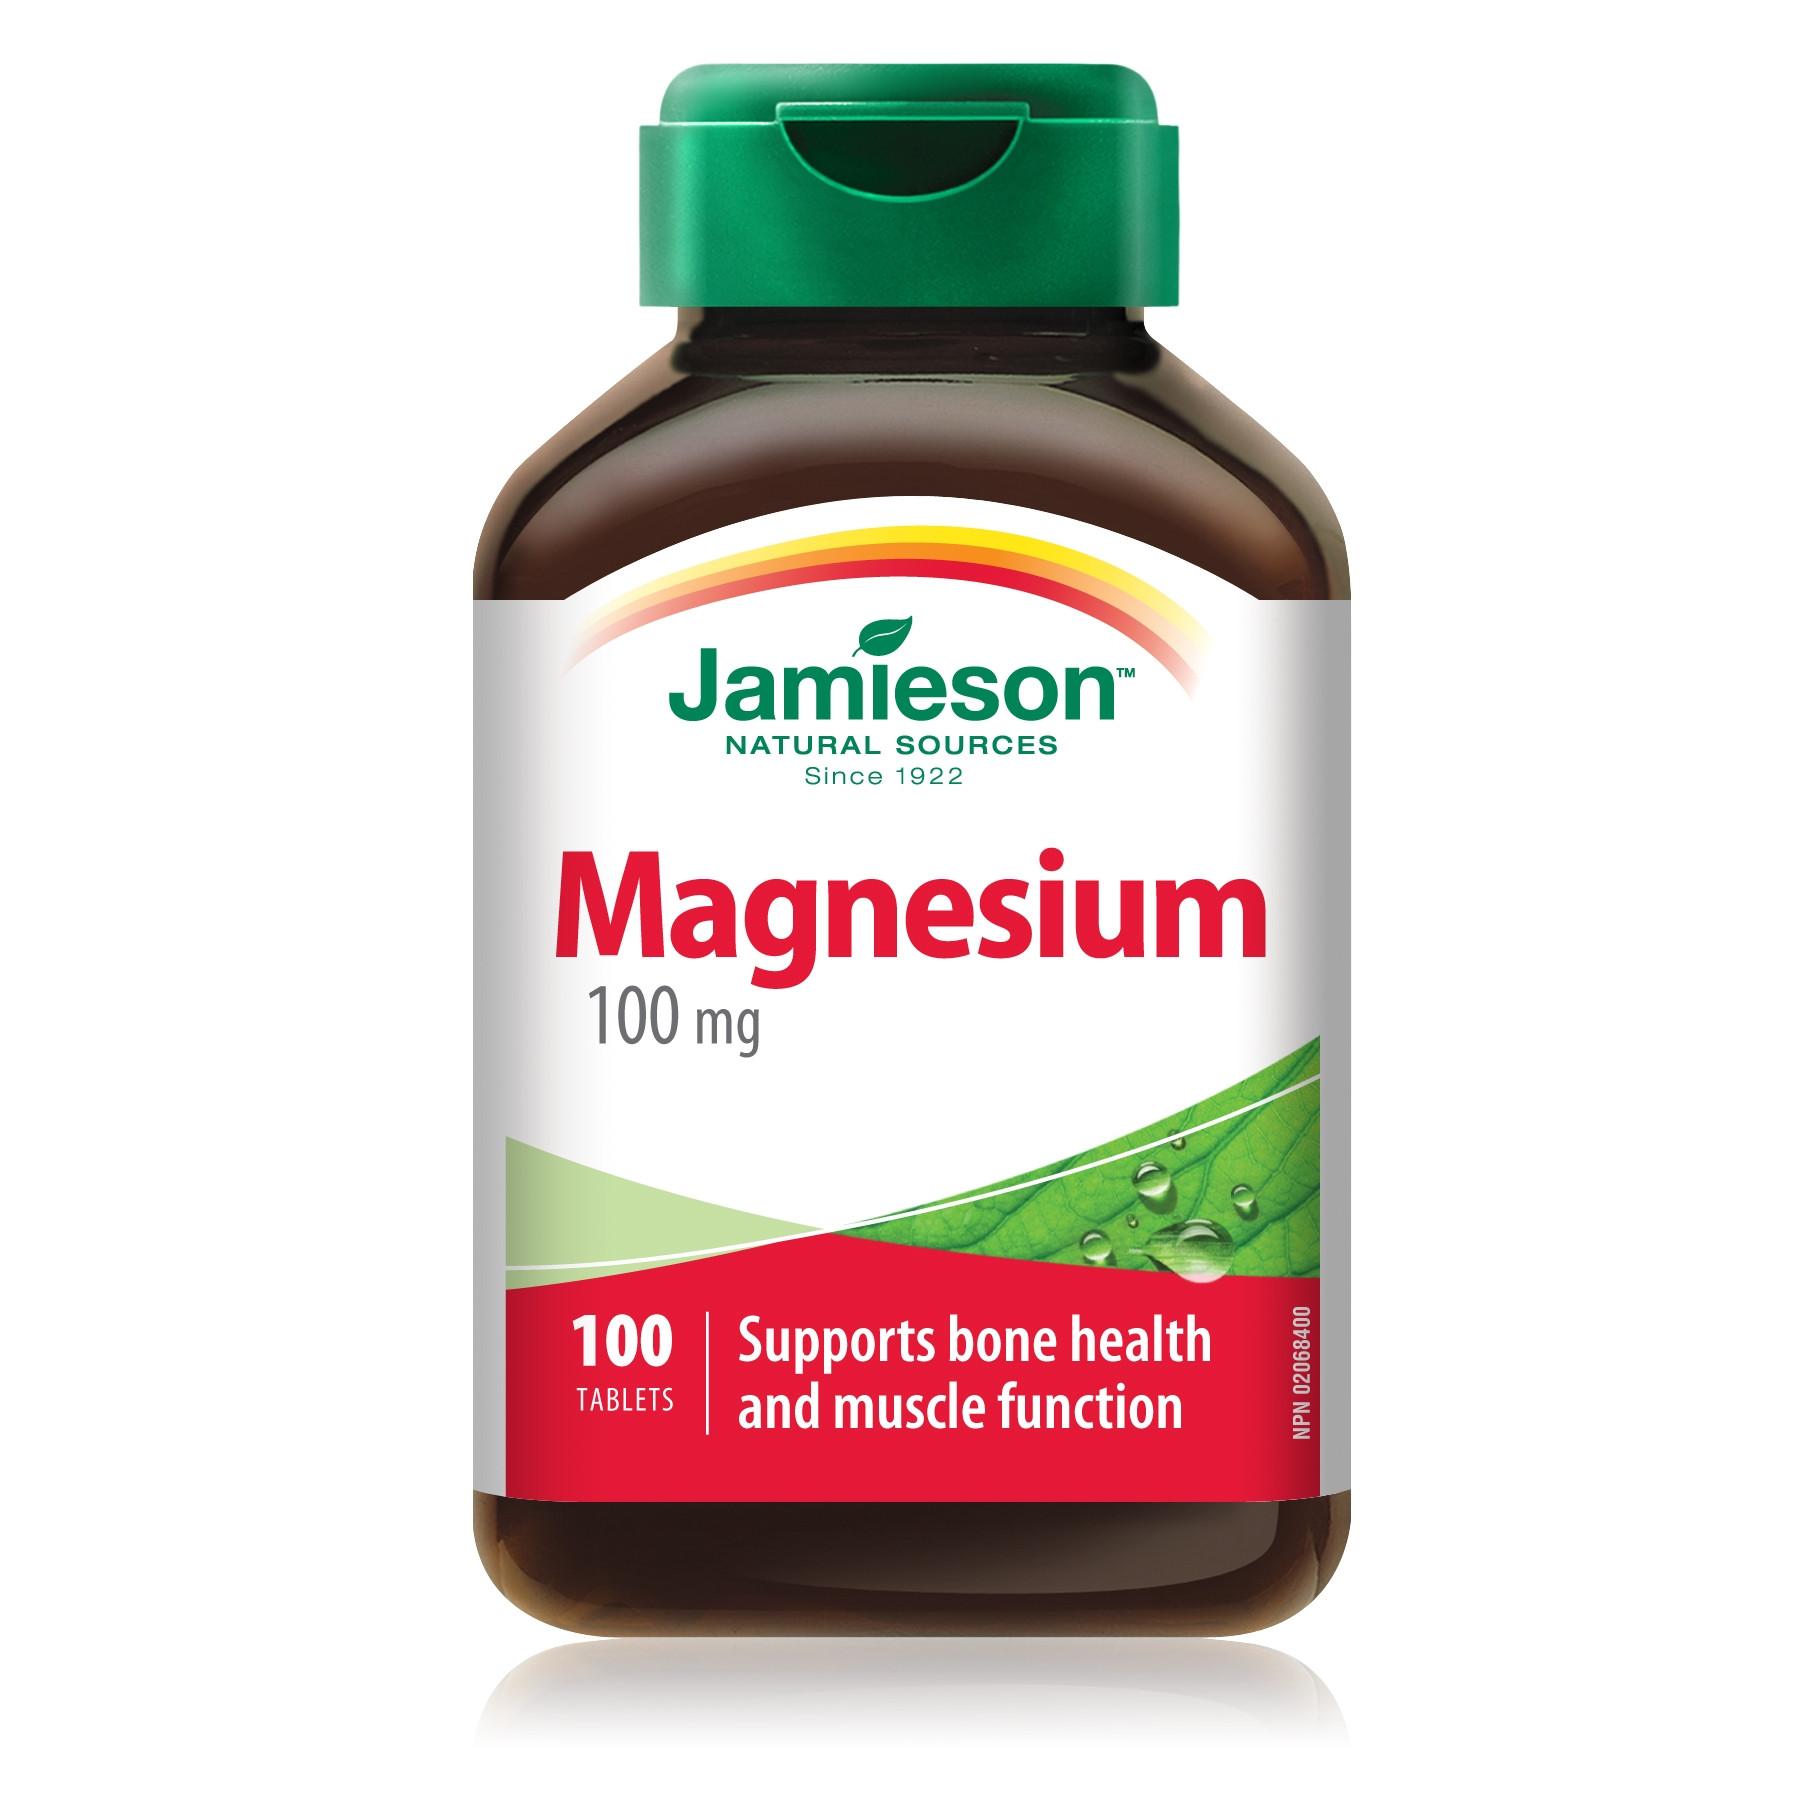 МАГНЕЗИЙ 100мг таблетки 100бр ДЖЕЙМИСЪН | MAGNESIUM 100mg tabs 100s JAMIESON